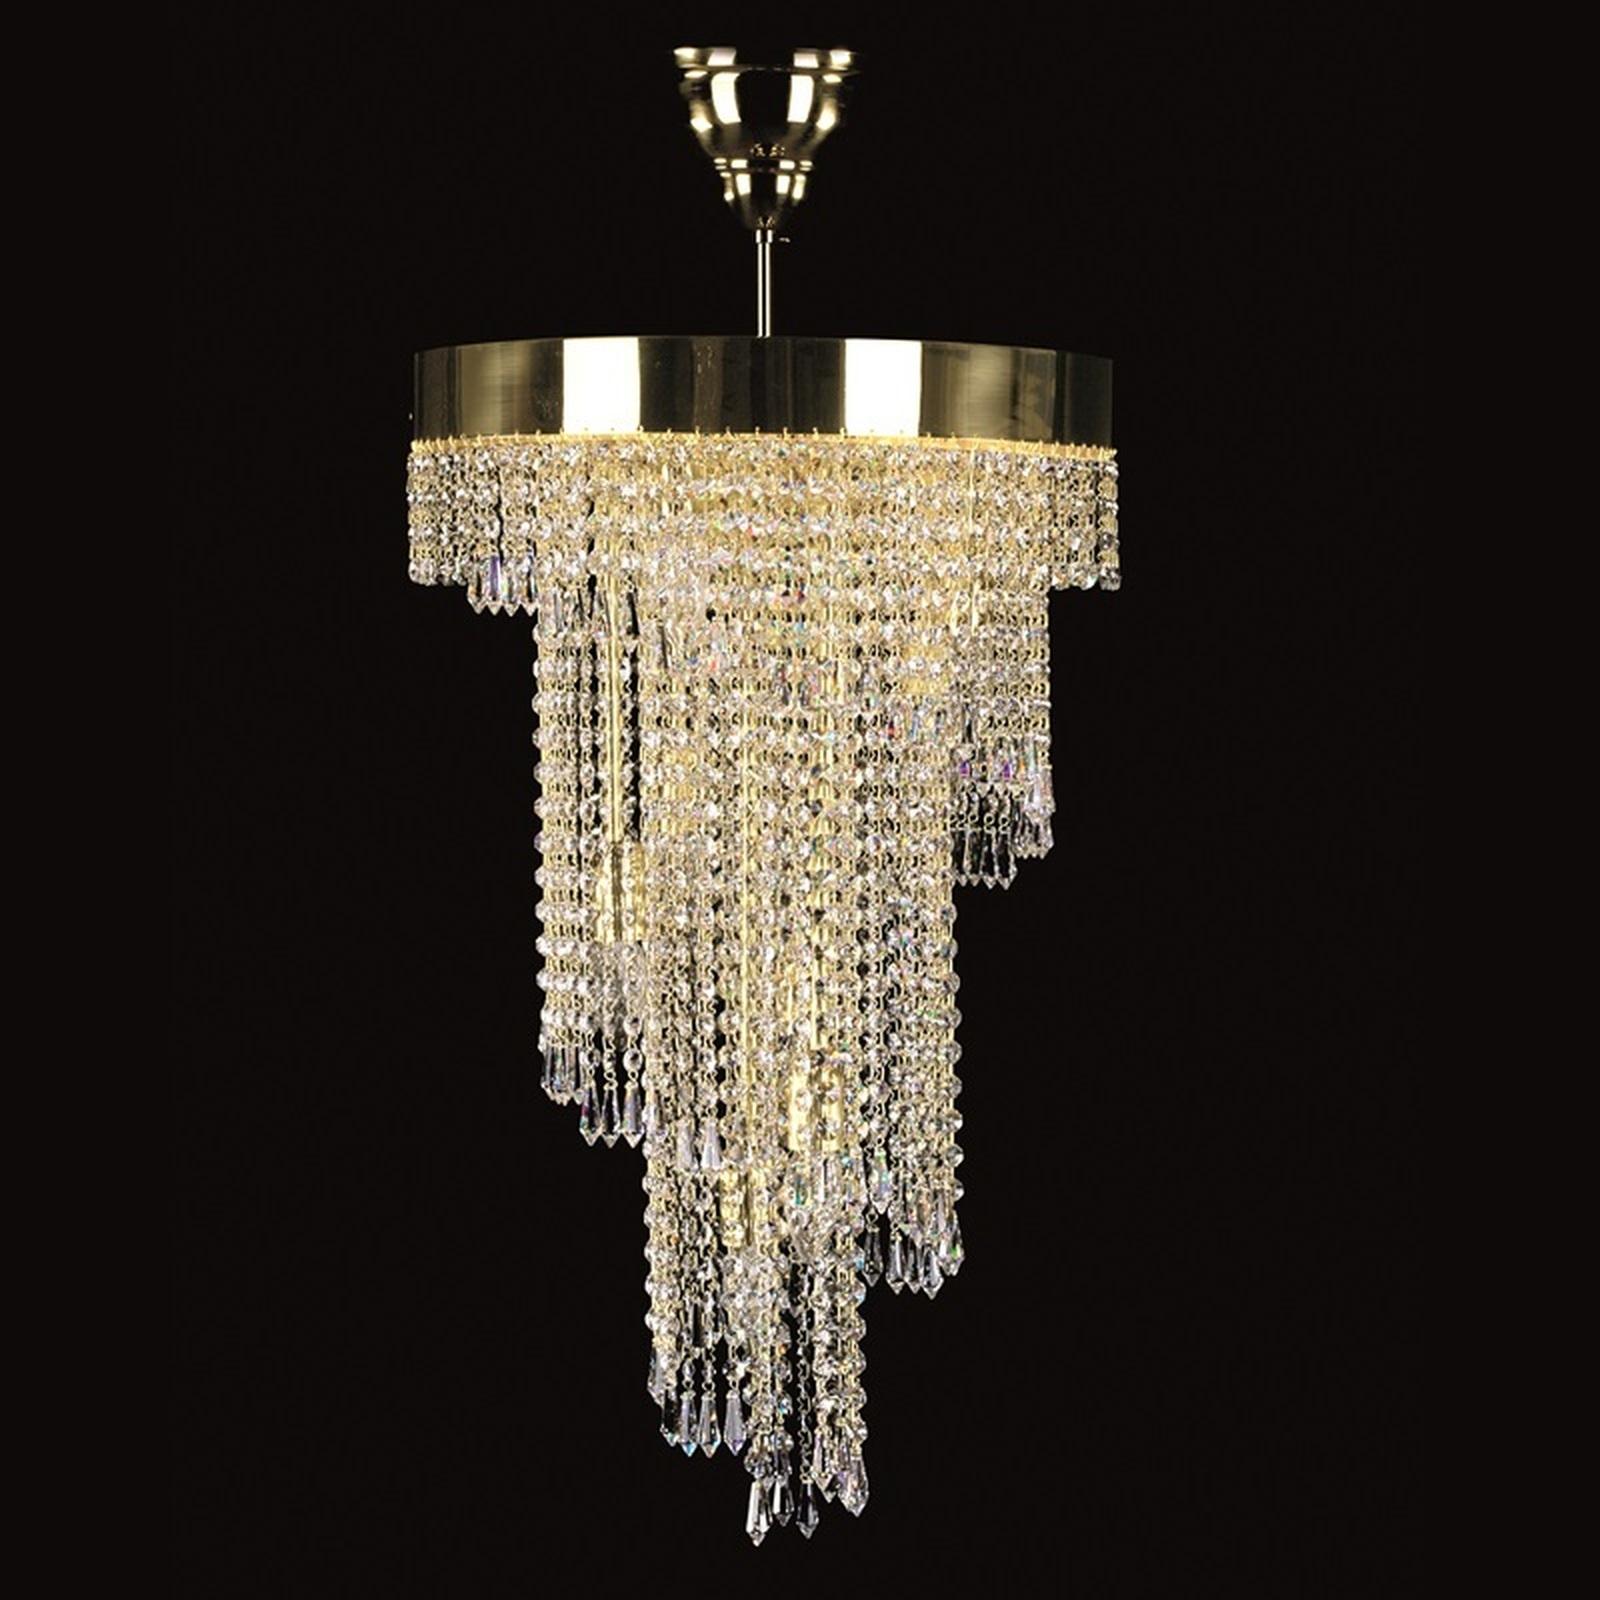 đèn trần SPIRAL 400x700 CE